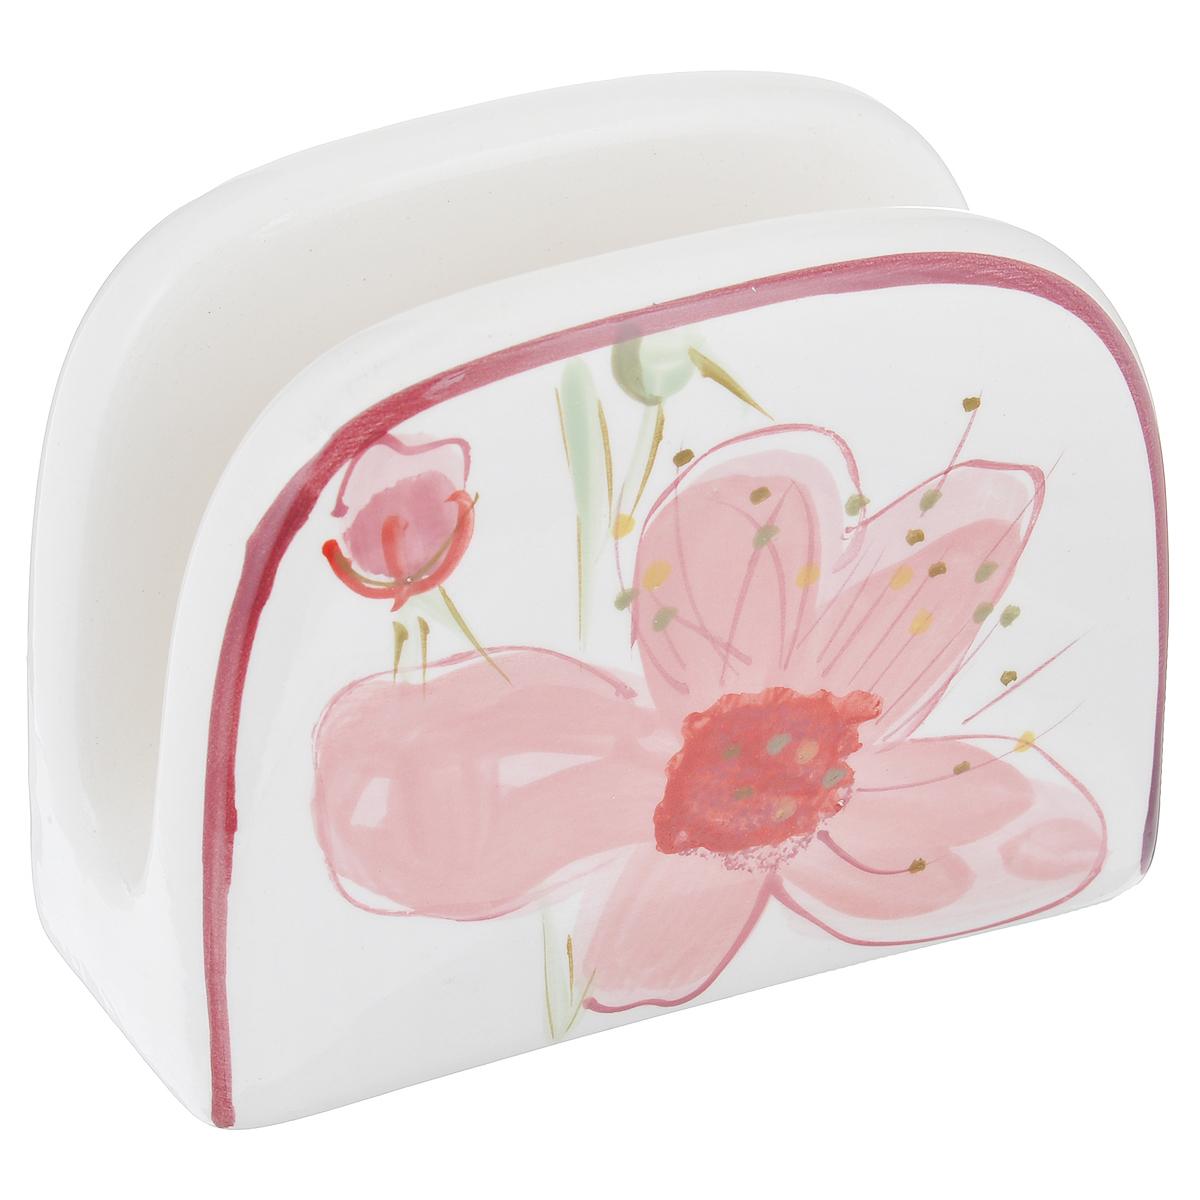 Подставка для салфеток Вишня54 009312Подставка для салфеток Вишня станет оригинальным украшением стола. Изделие выполнено из высококачественной керамики, покрытой слоем сверкающей глазури. Подставка декорирована изображением цветков вишни. Такая подставка красиво оформит стол и создаст особое настроение. Размер подставки: 13,5 см х 10 см х 6 см. Можно мыть в посудомоечной машине.